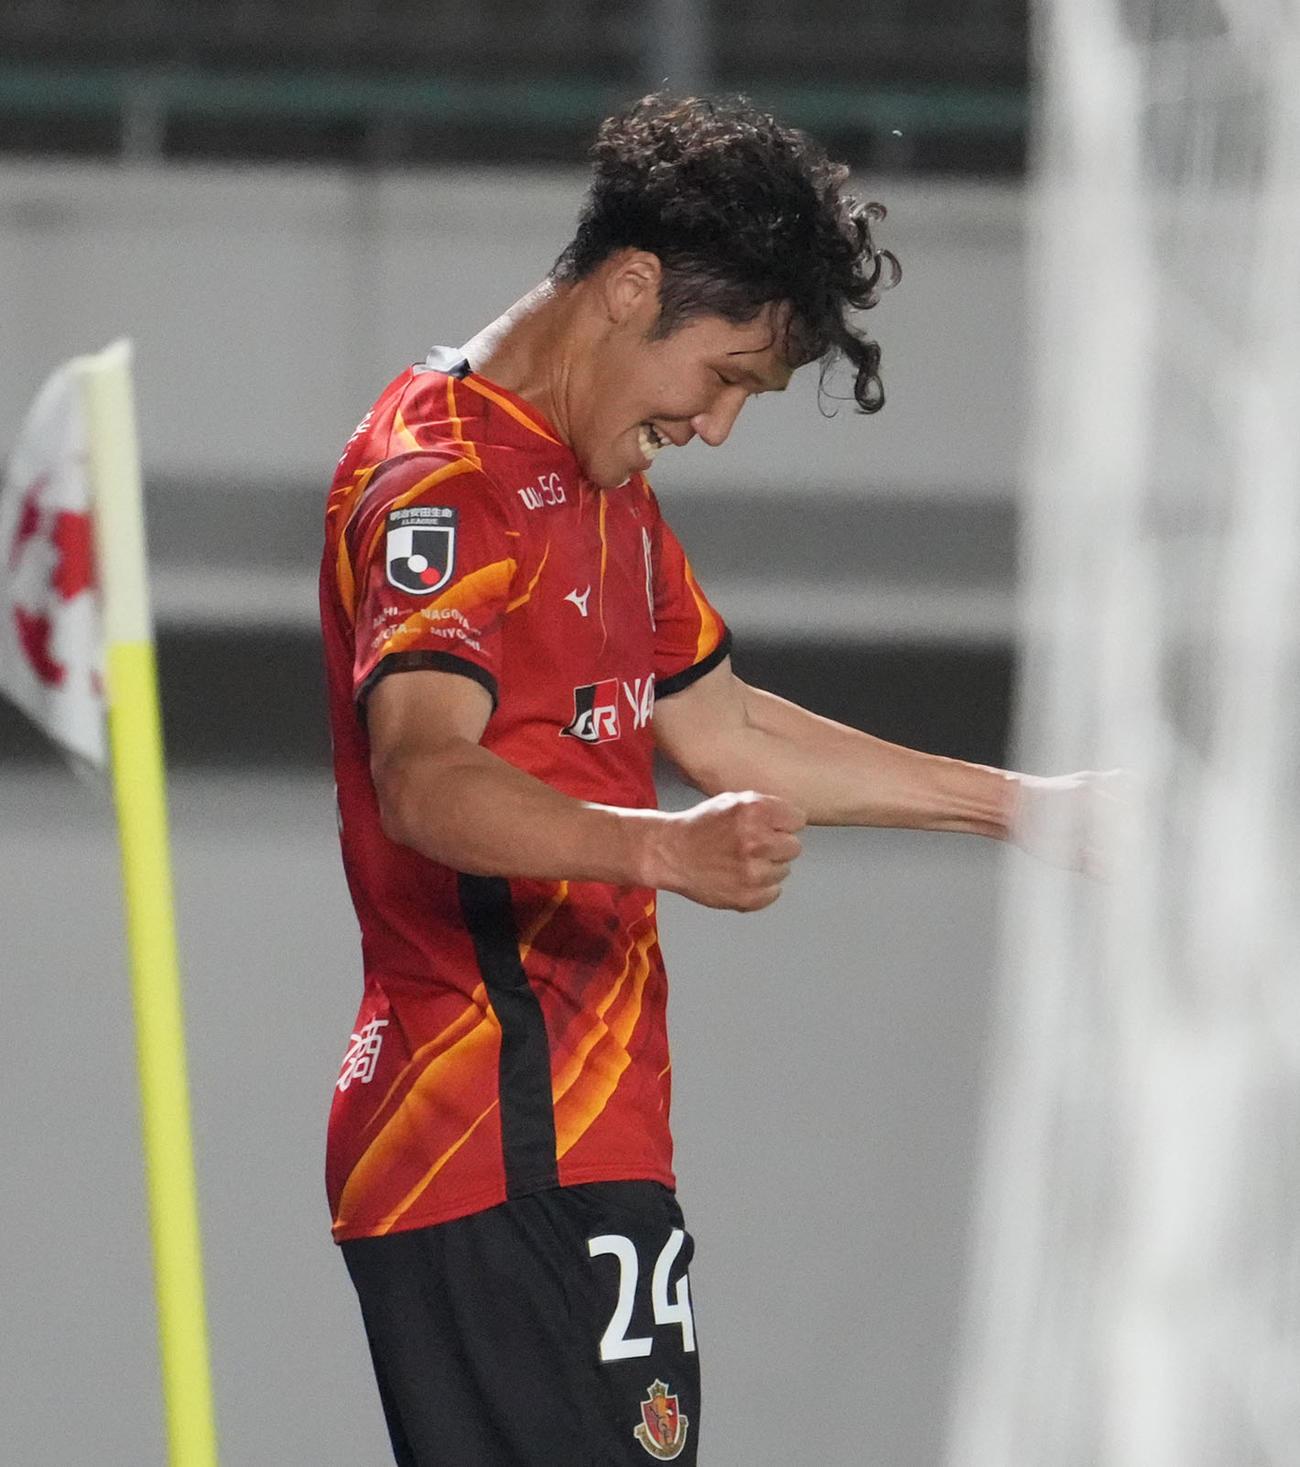 天皇杯2回戦 名古屋対三菱水島FC 後半、チーム4点目のゴールを決め喜ぶ名古屋石田(撮影・森本幸一)